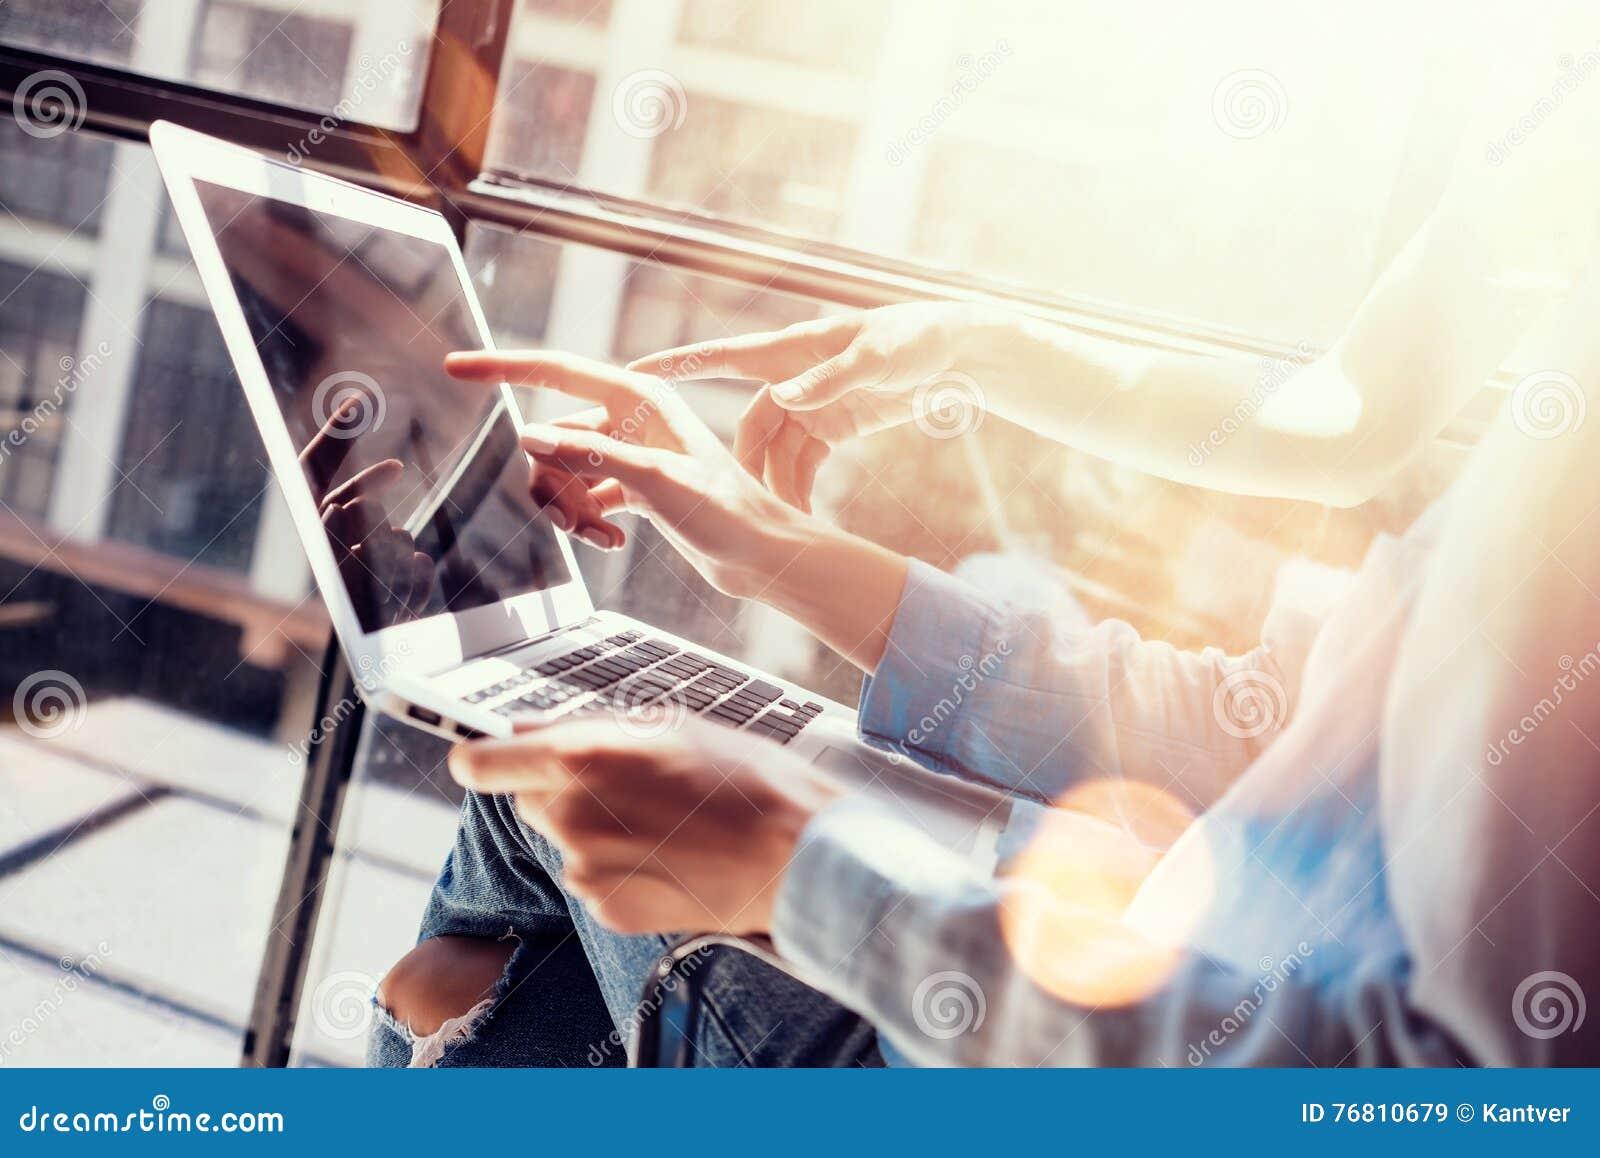 Os colegas de trabalho da mulher que fazem grandes decisões empresariais Portátil de mercado novo do escritório de Team Discussio